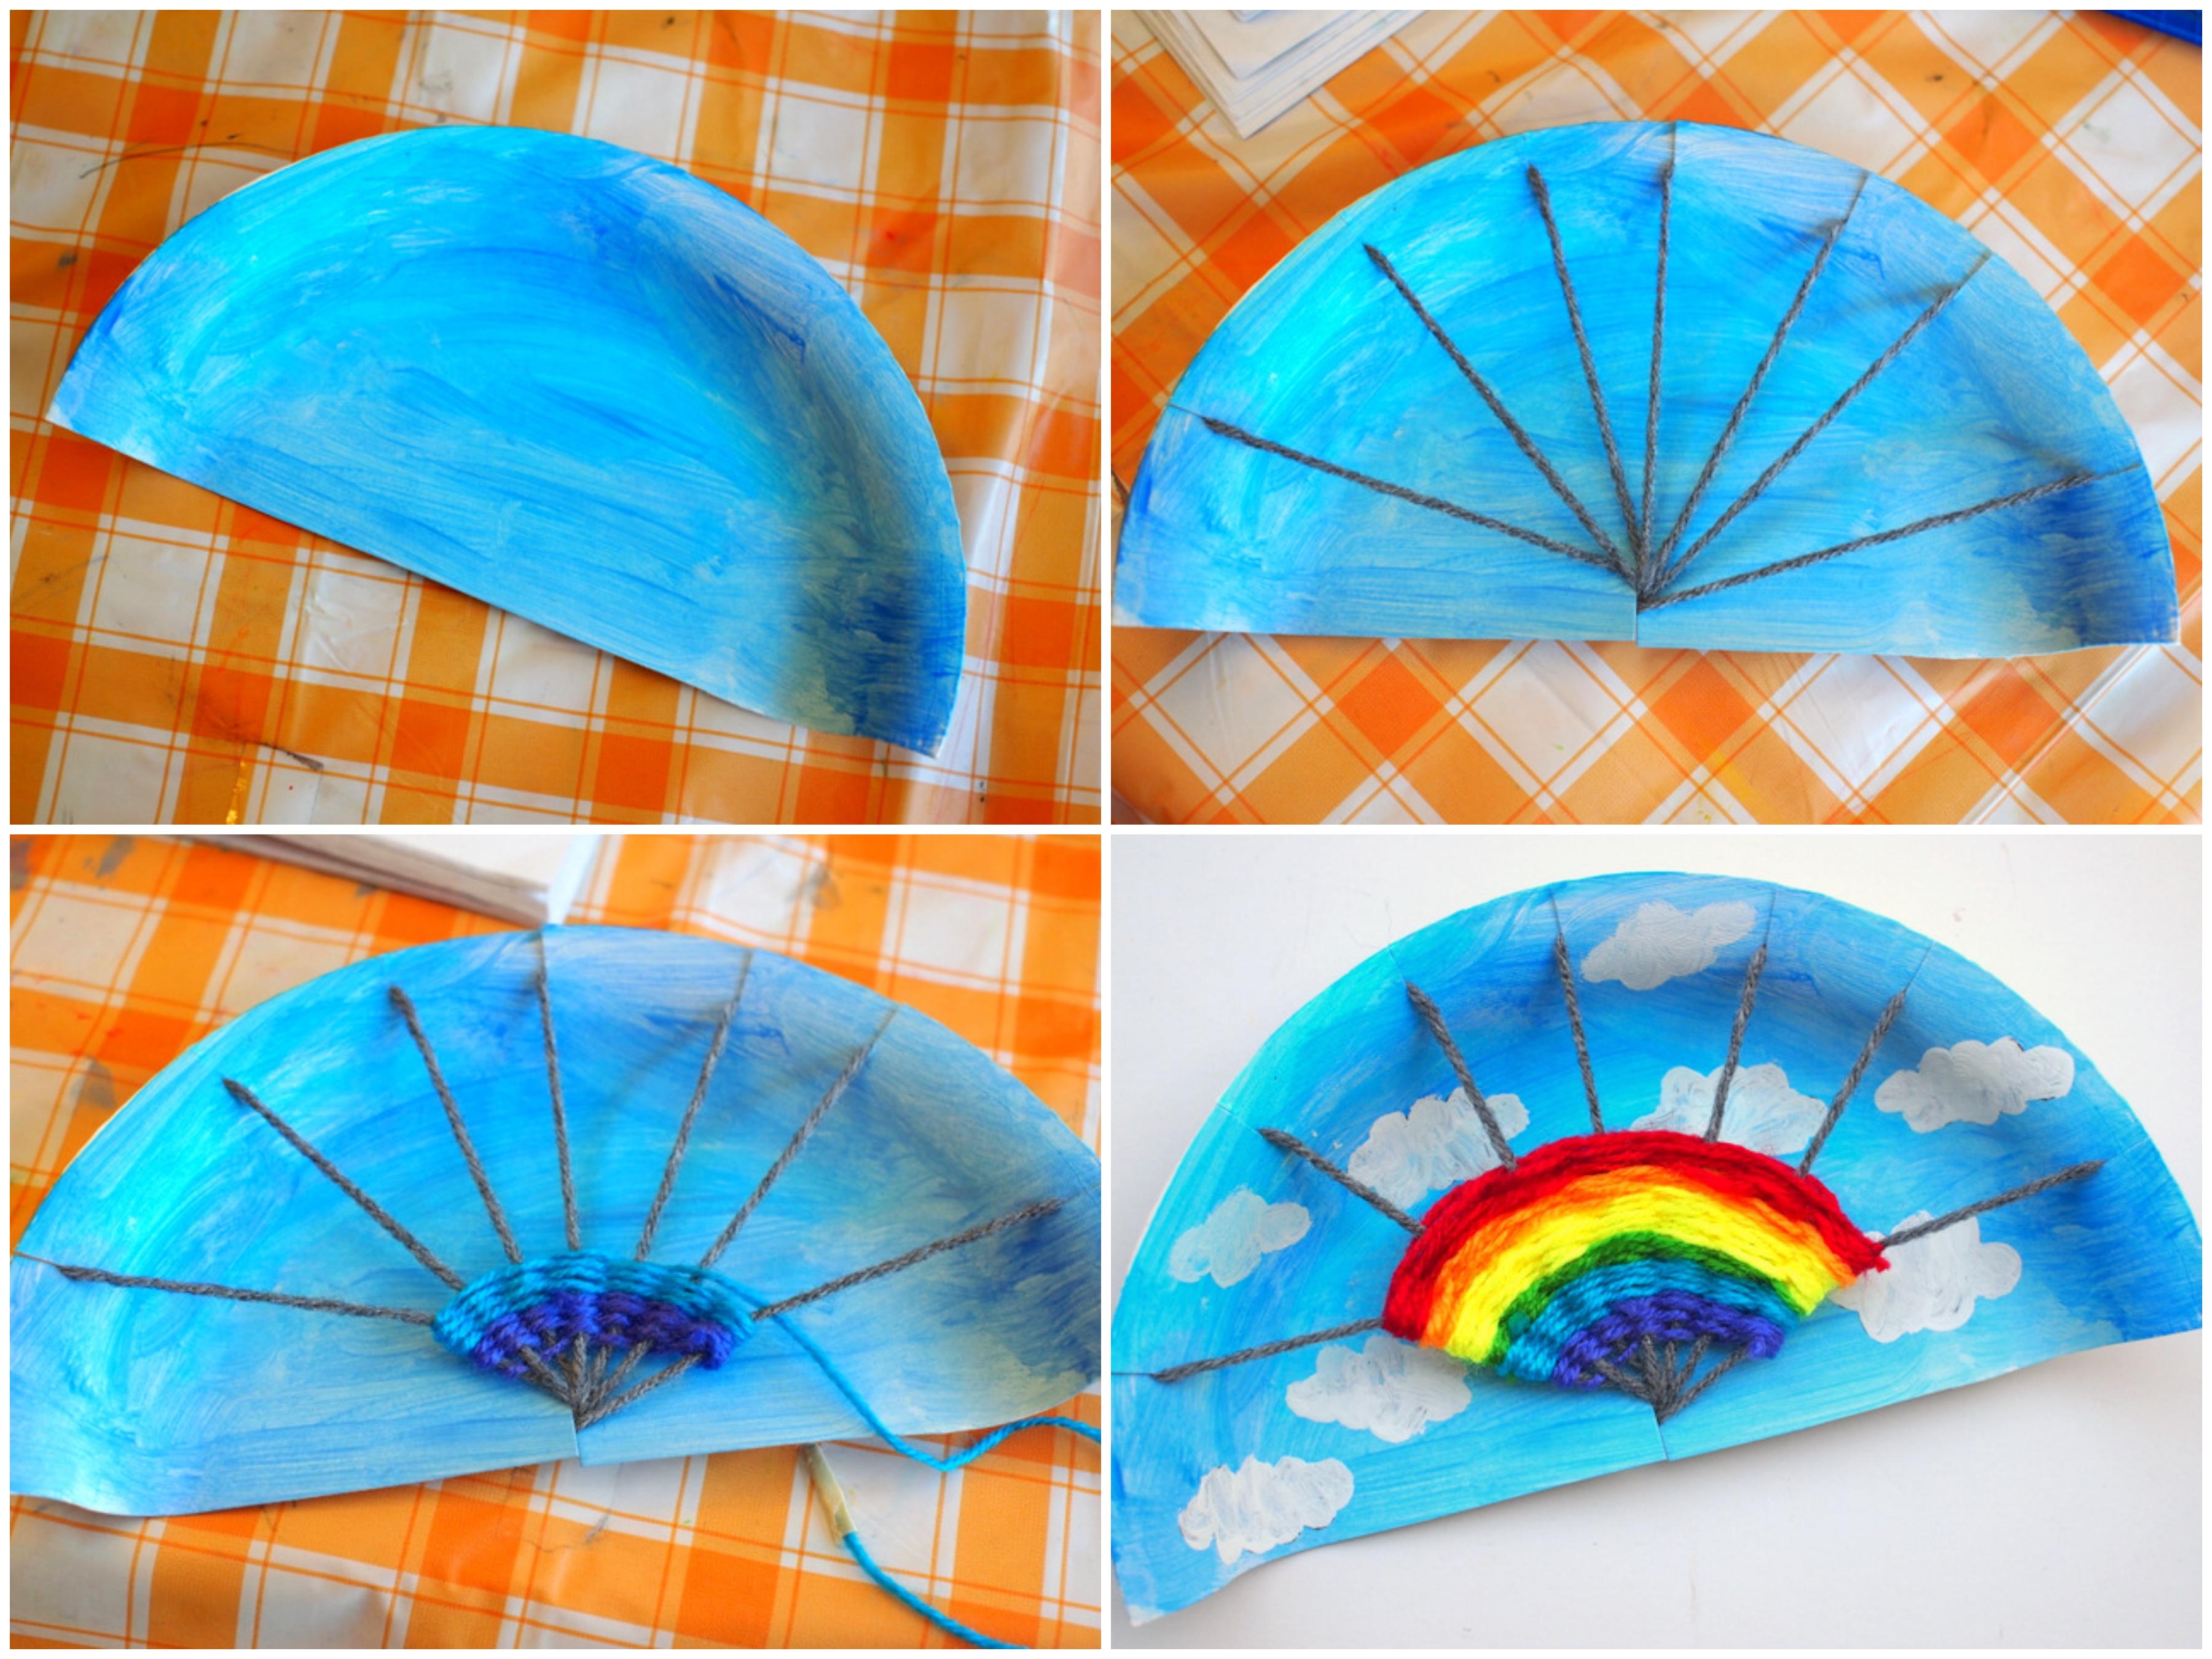 activité manuelle primaire avec des assiettes jetables arc-en-ciel, tissage sur une assiette en carton